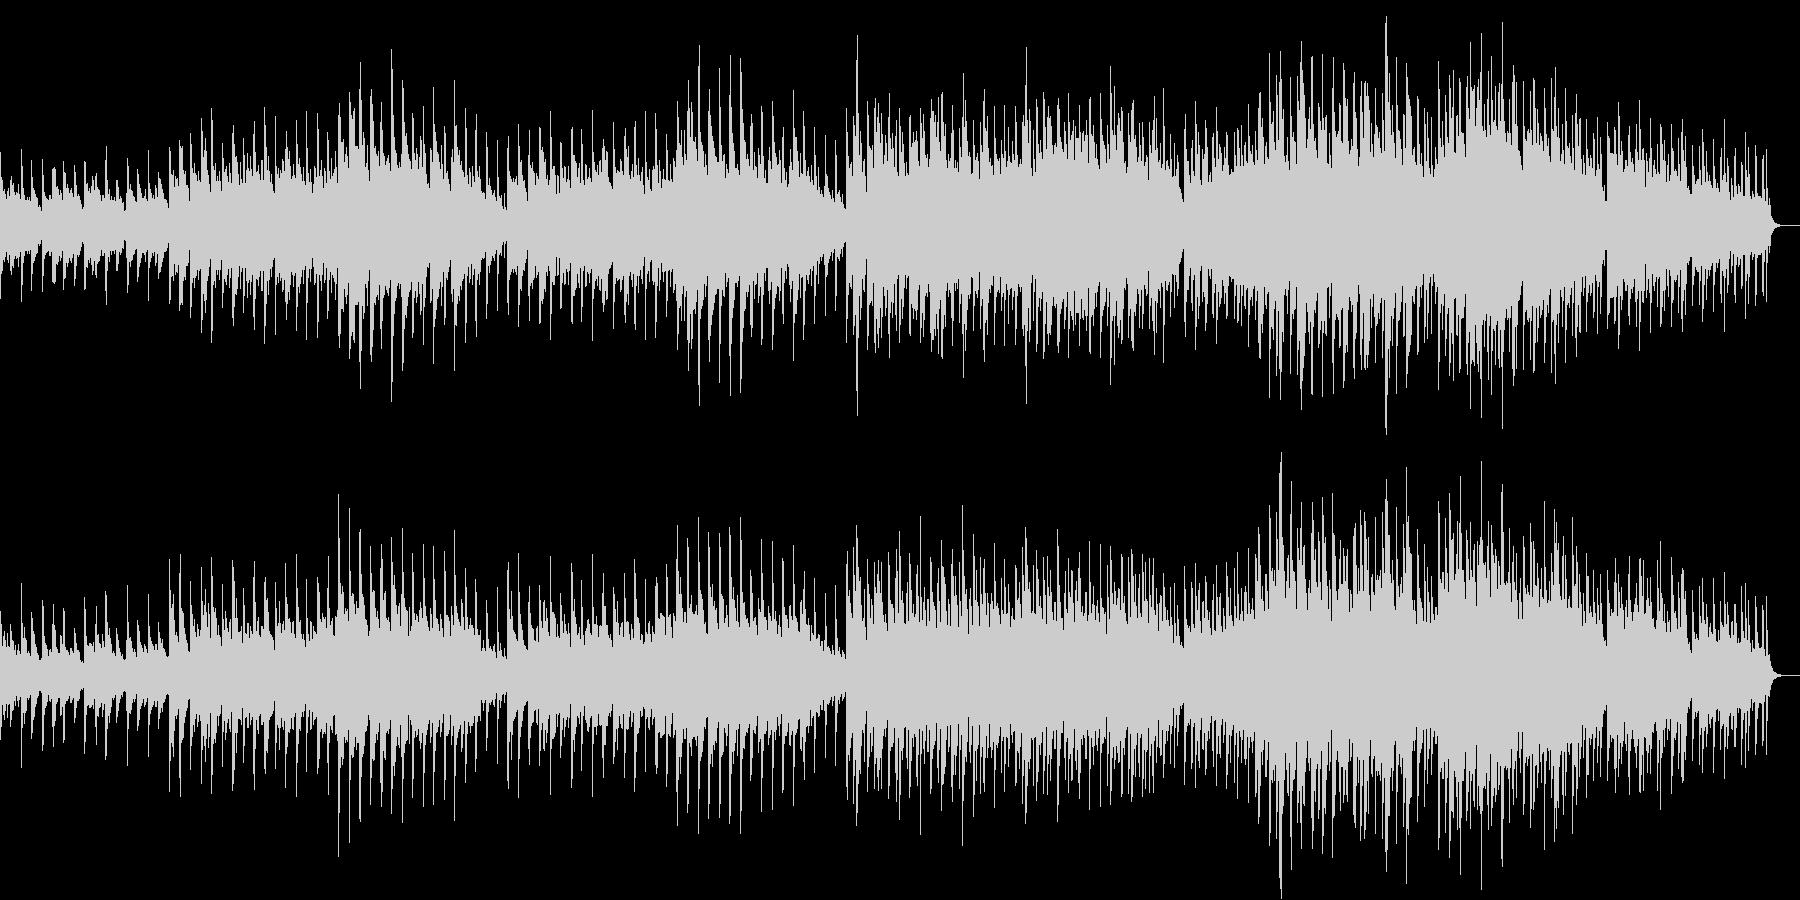 切なく情熱的な6/8拍子のピアノ曲の未再生の波形